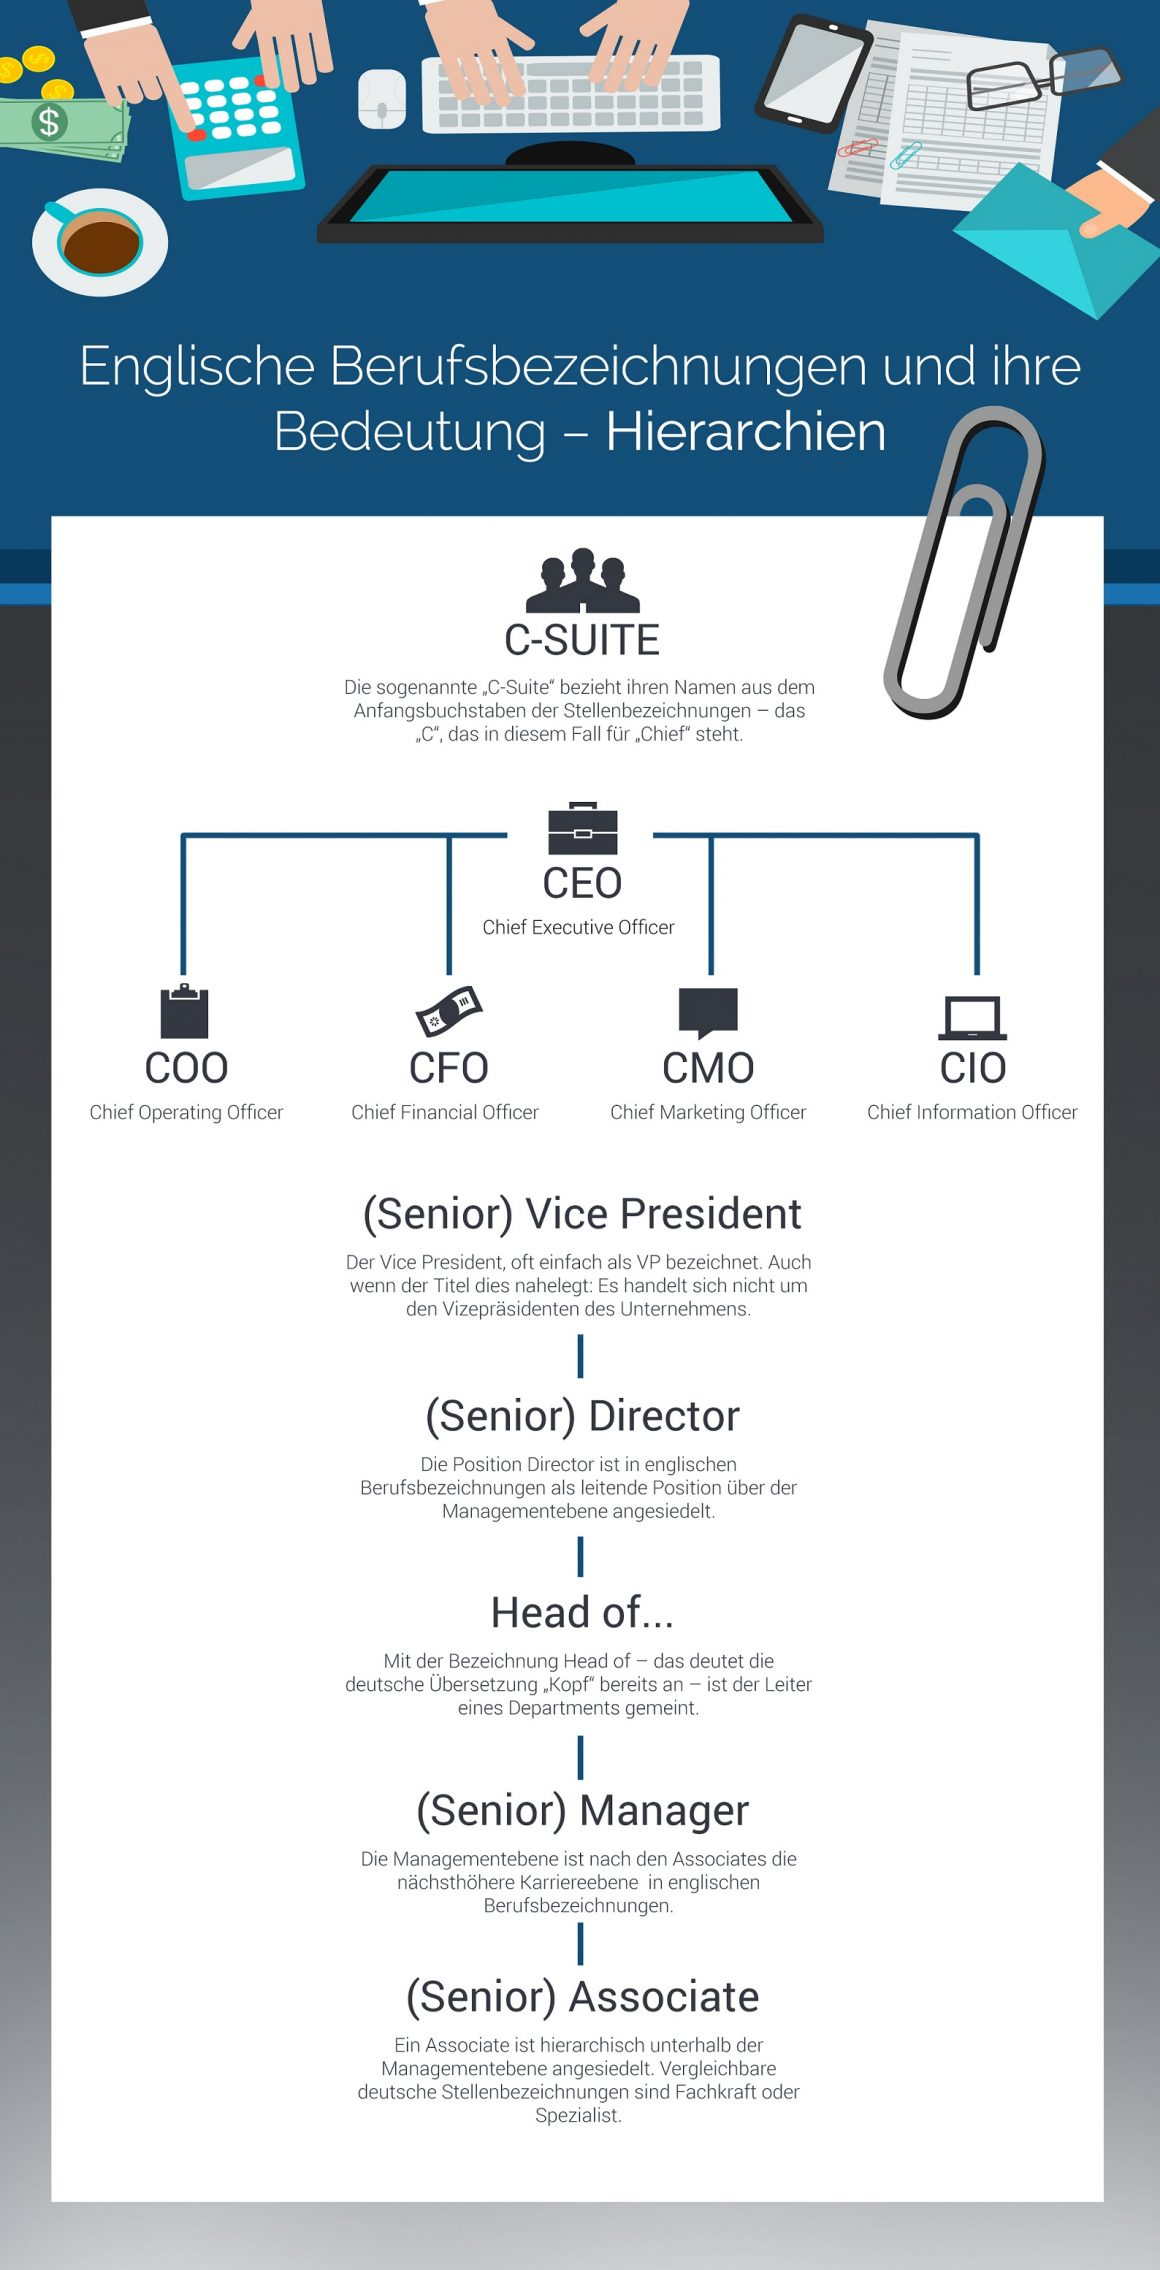 Englische Berufsbezeichnungen und ihre Hierarchien